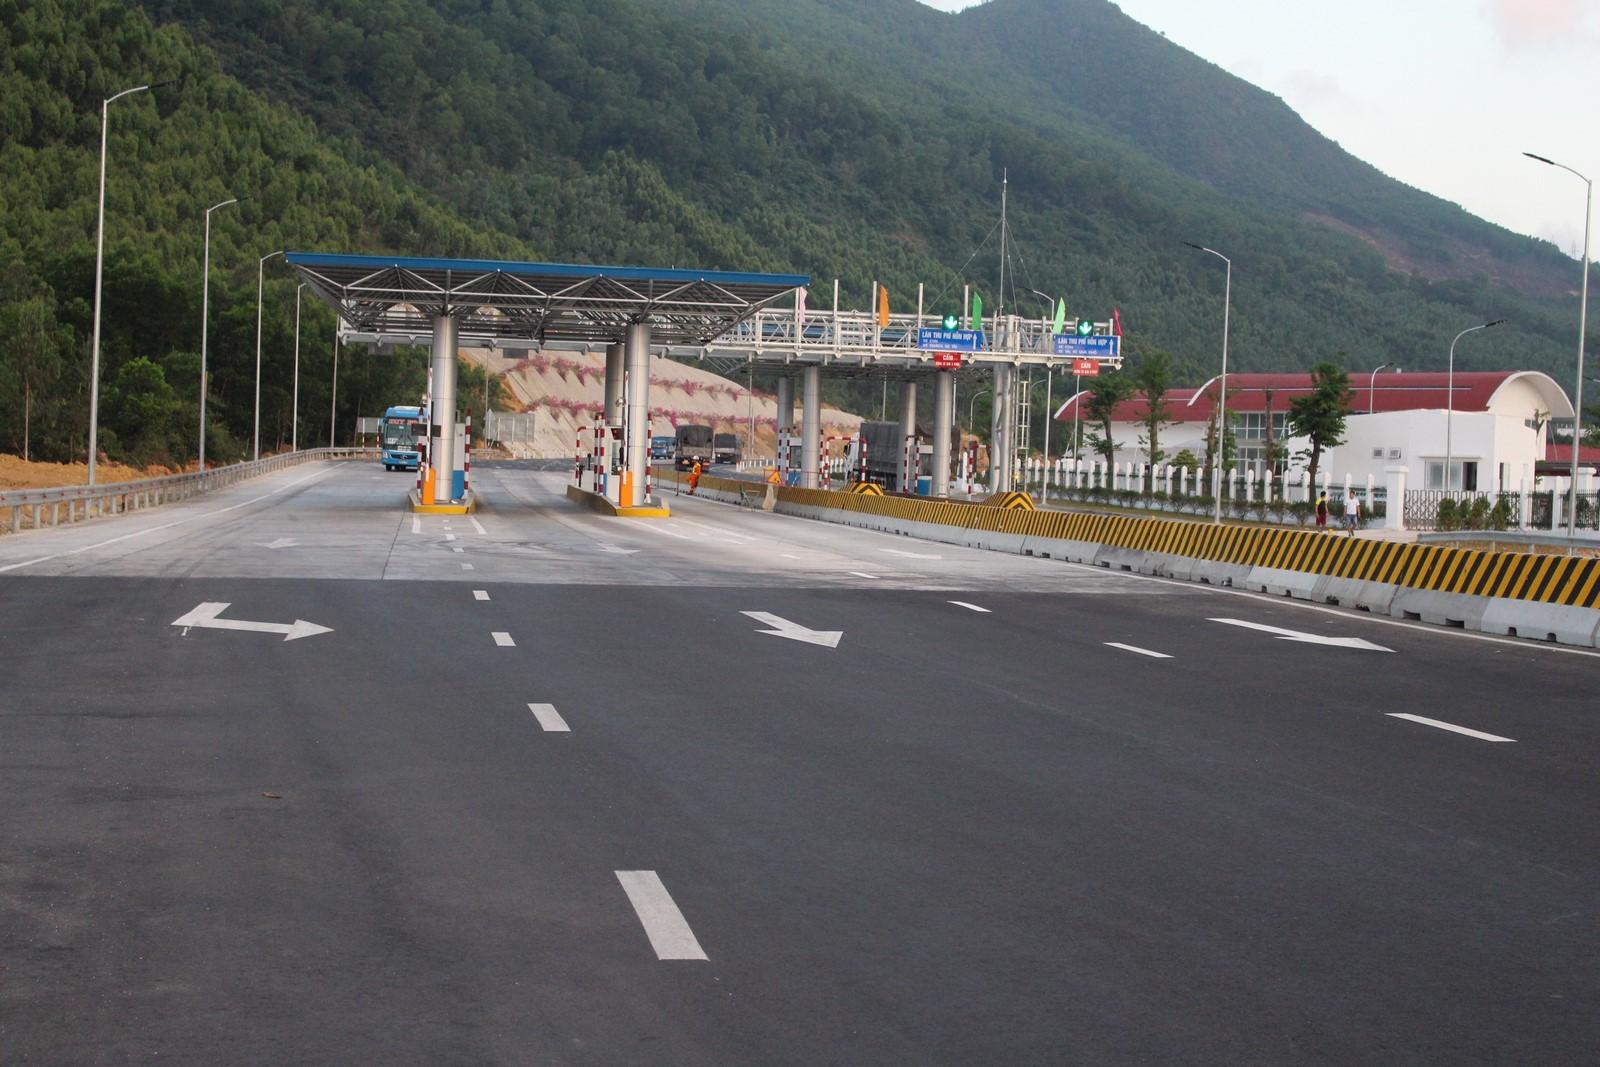 26 dự án BOT giao thông hụt thu: Thủ tướng yêu cầu Bộ GTVT xử lý  - Ảnh 1.